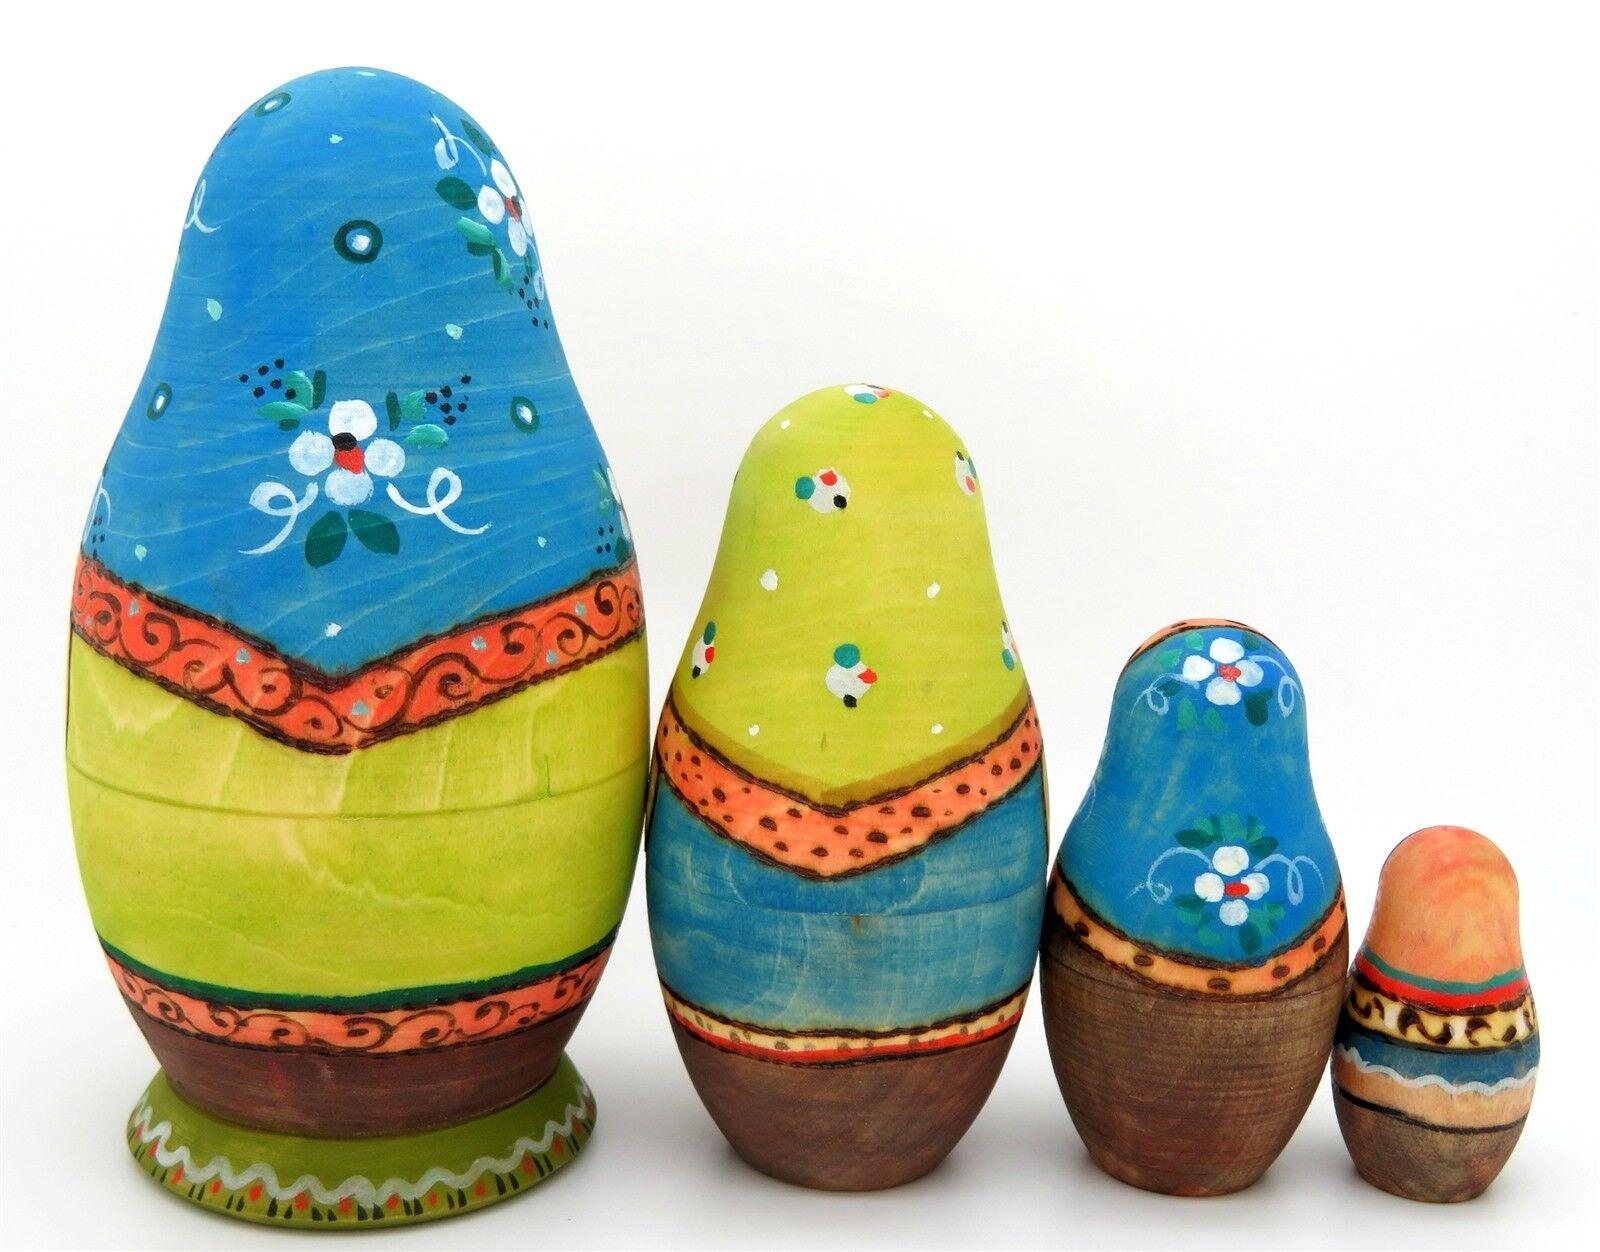 Martryoshka Babuschka & Taschentücher Taschentücher Taschentücher Russisch Blau Grün Stapel Puppen 4 Ryabova 106570